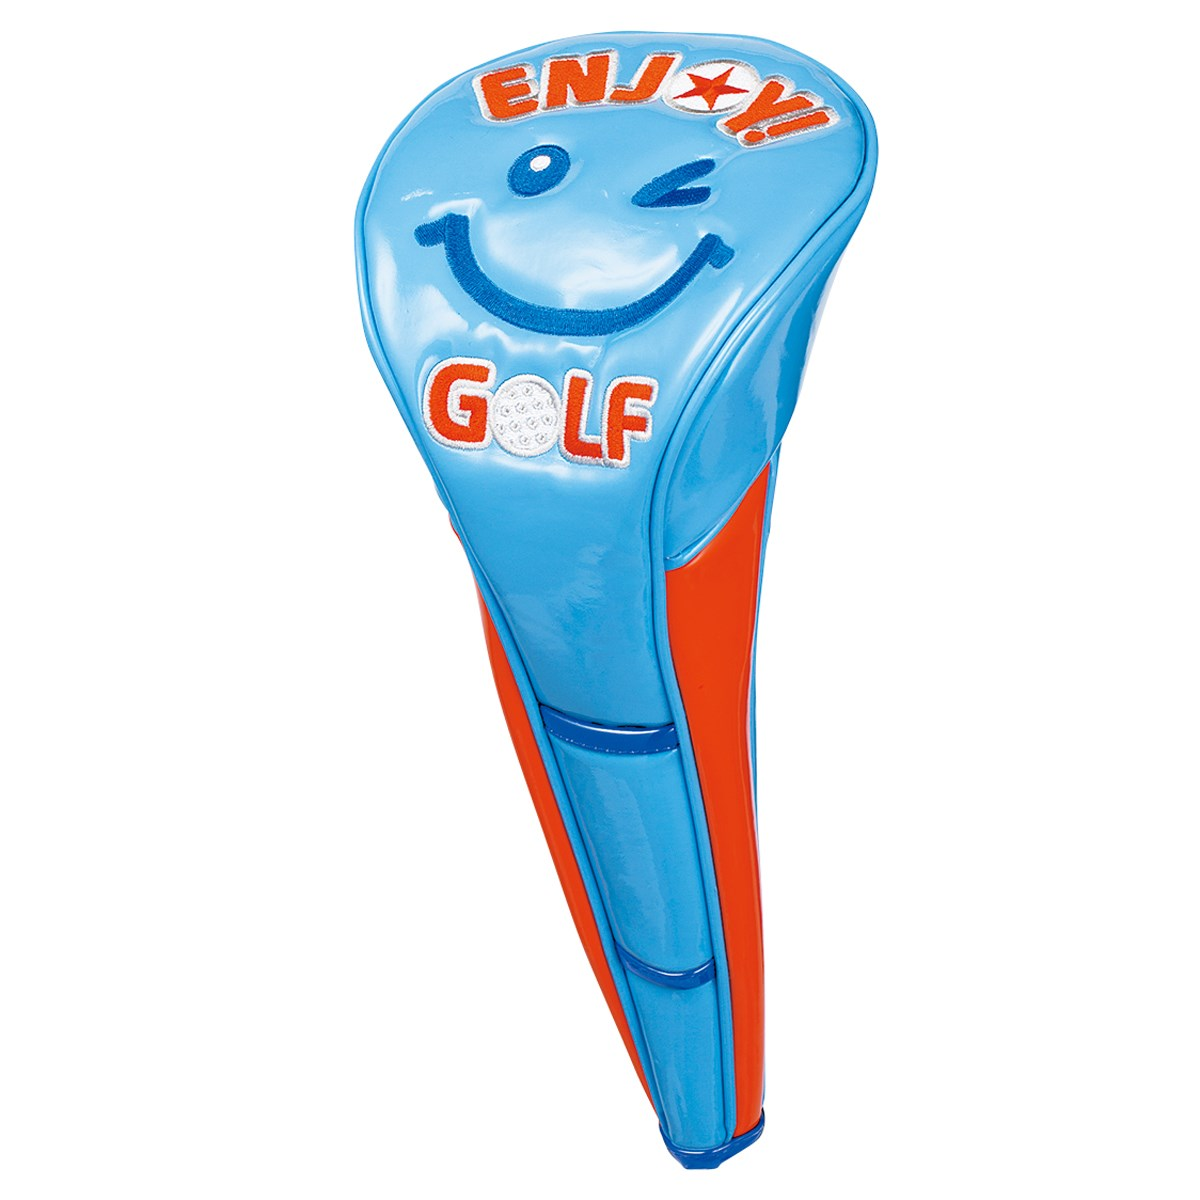 [アウトレット] [在庫限りのお買い得商品] WINWIN STYLE ENJOY GOLF ヘッドカバー DR用 スカイブルー ゴルフ